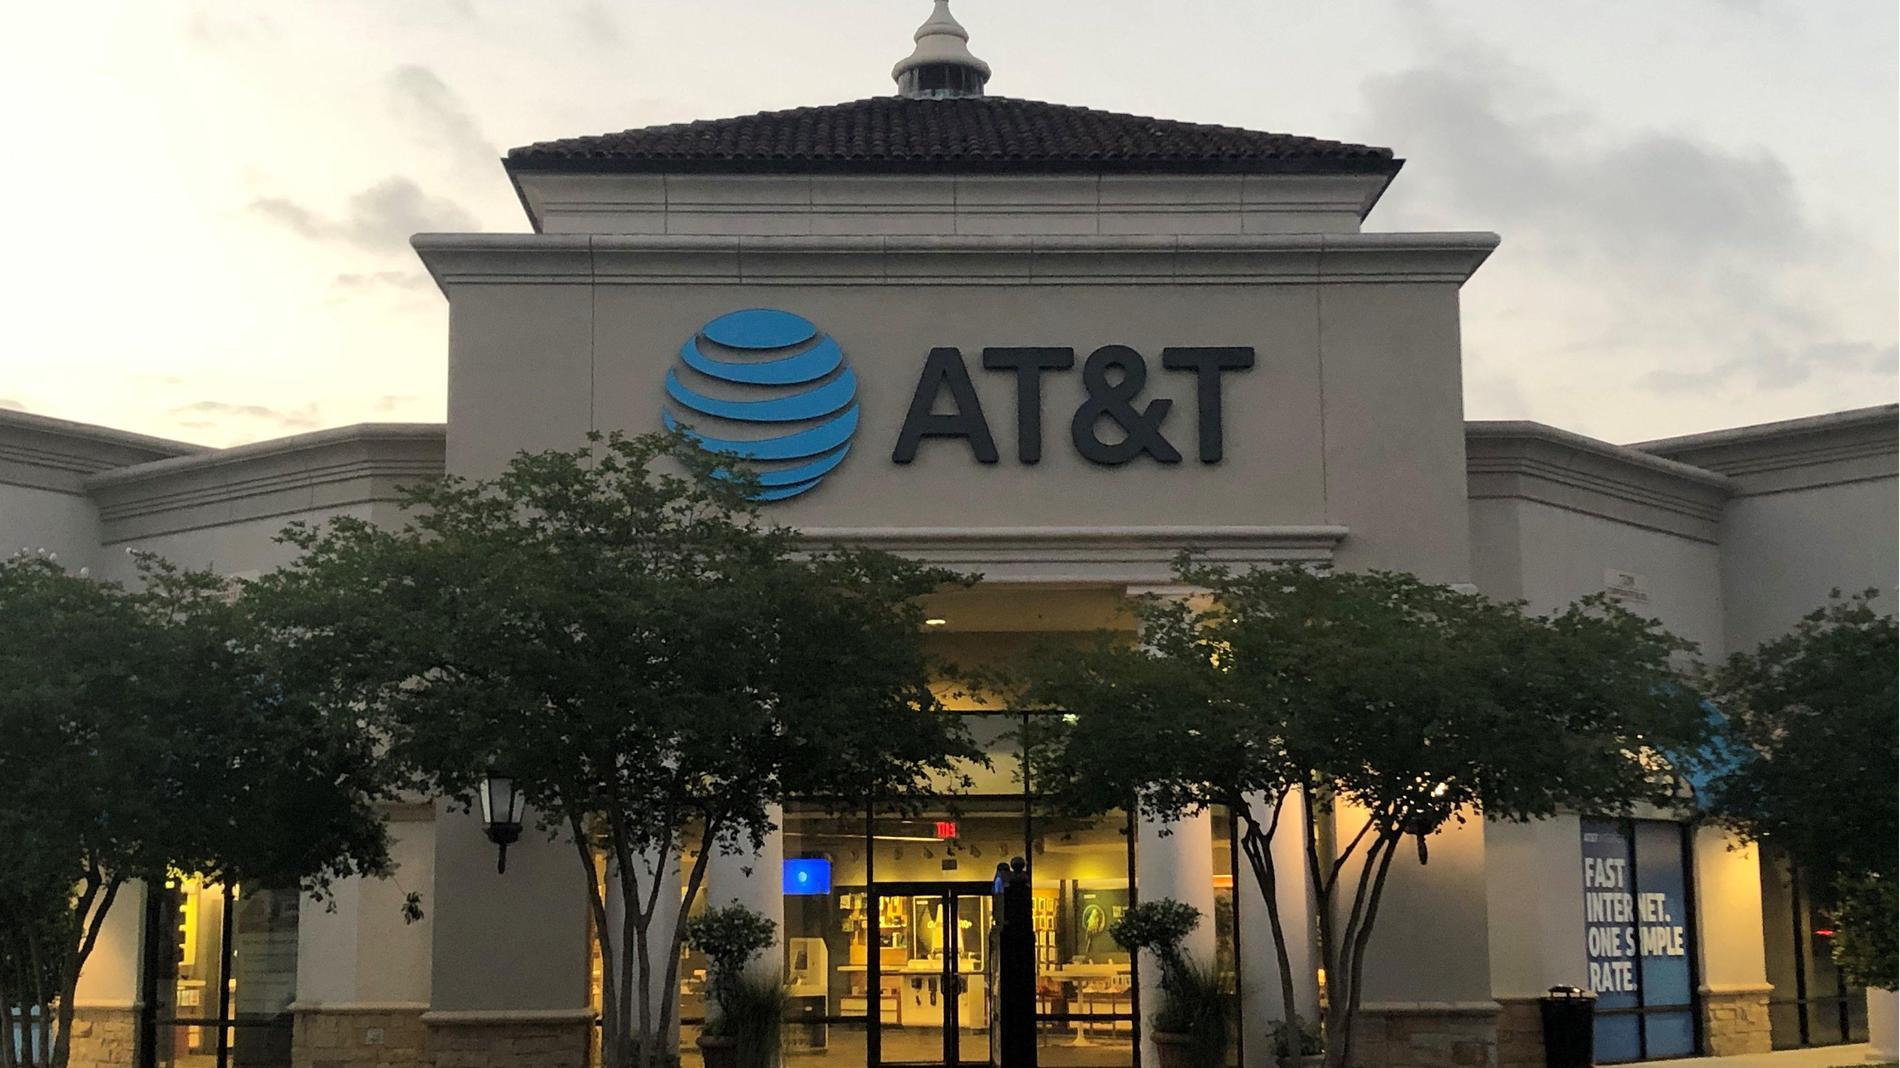 AT&T Store - Towne Center - Baton Rouge, LA